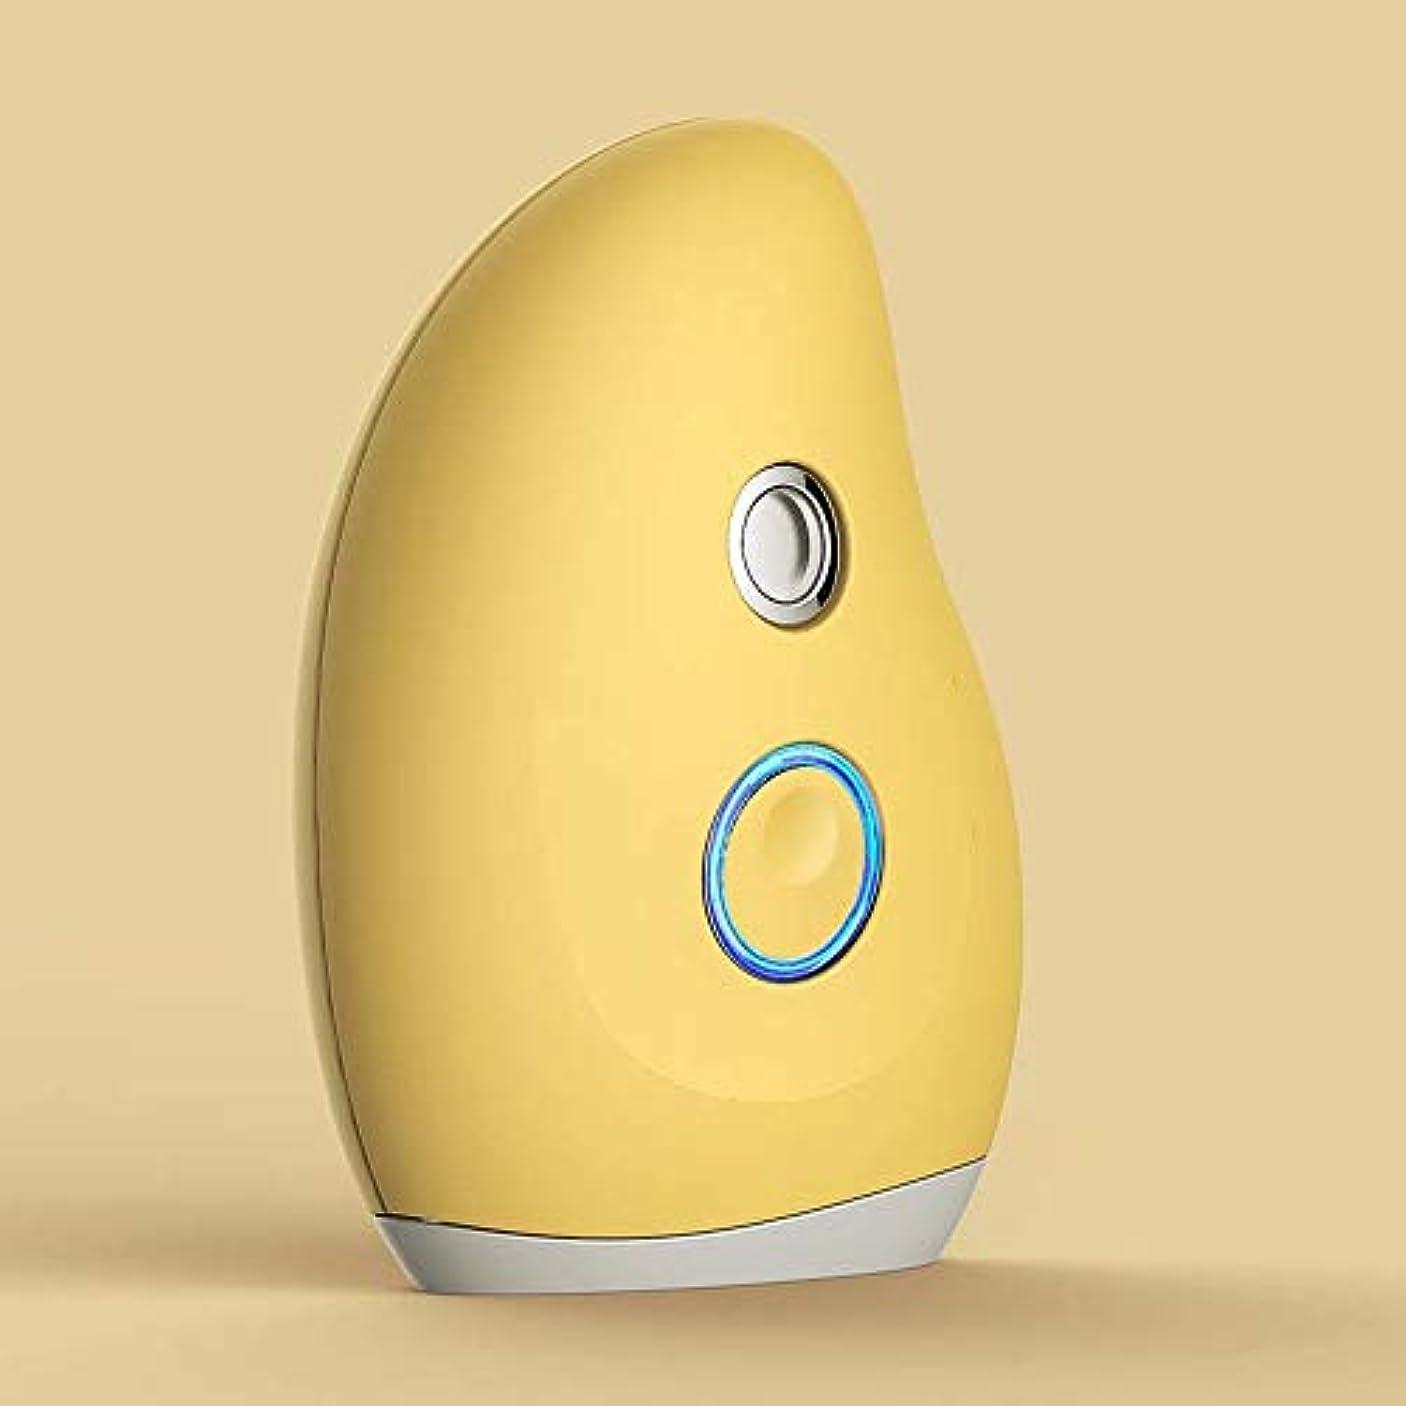 テンポ経過家禽ZXF ナノハンドヘルドスプレーポータブル水分補給美容器具マンゴー形状コールドスプレースチーマーABS材料赤セクション黄色セクション 滑らかである (色 : Yellow)